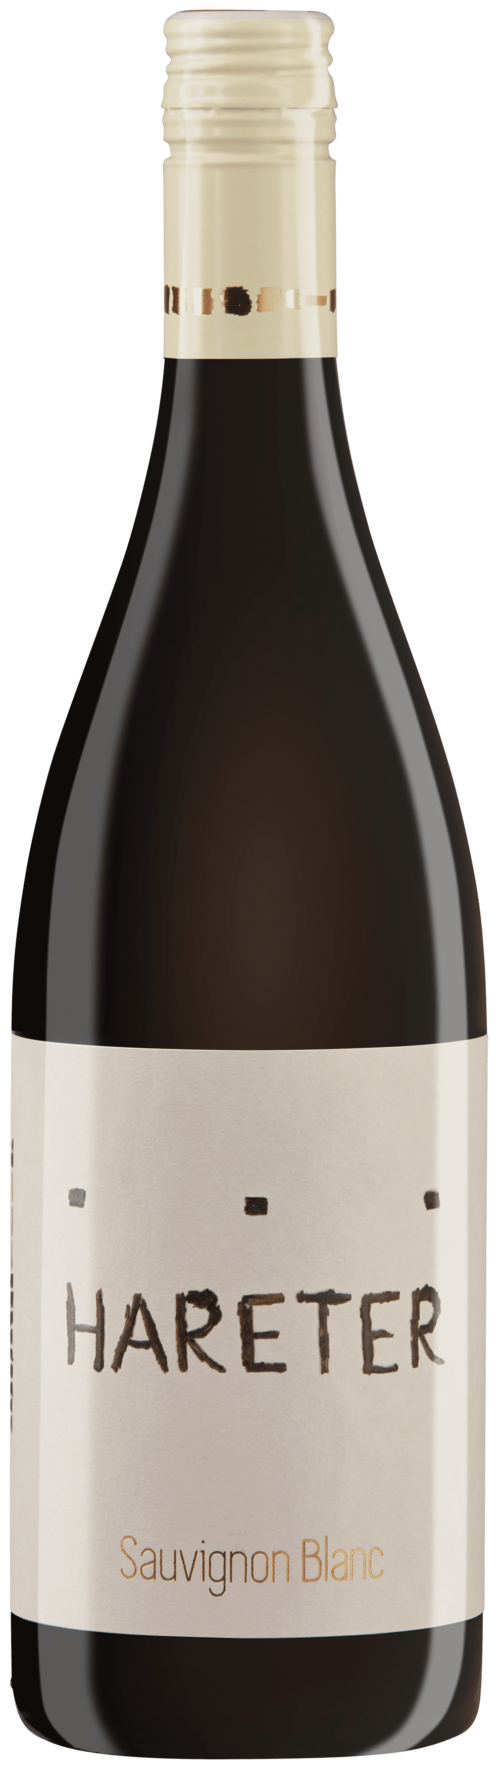 histaminfreier Wein - Histamin im Wein - Hareter - Weiden